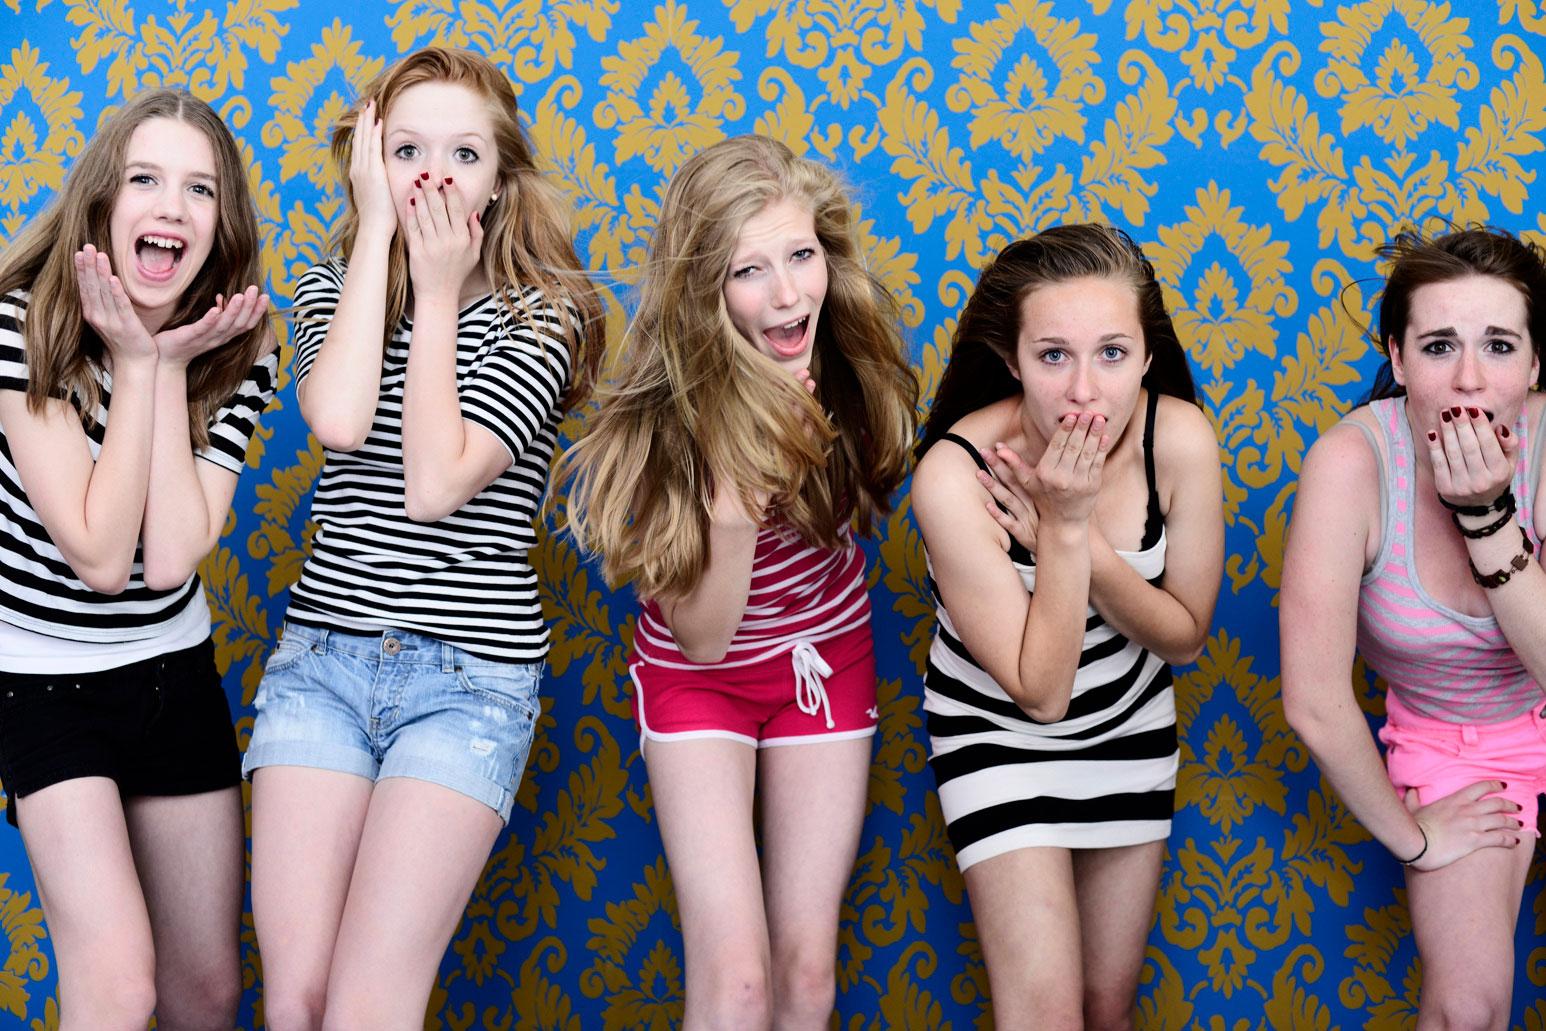 Mädchen vor Tapete aufgeregt